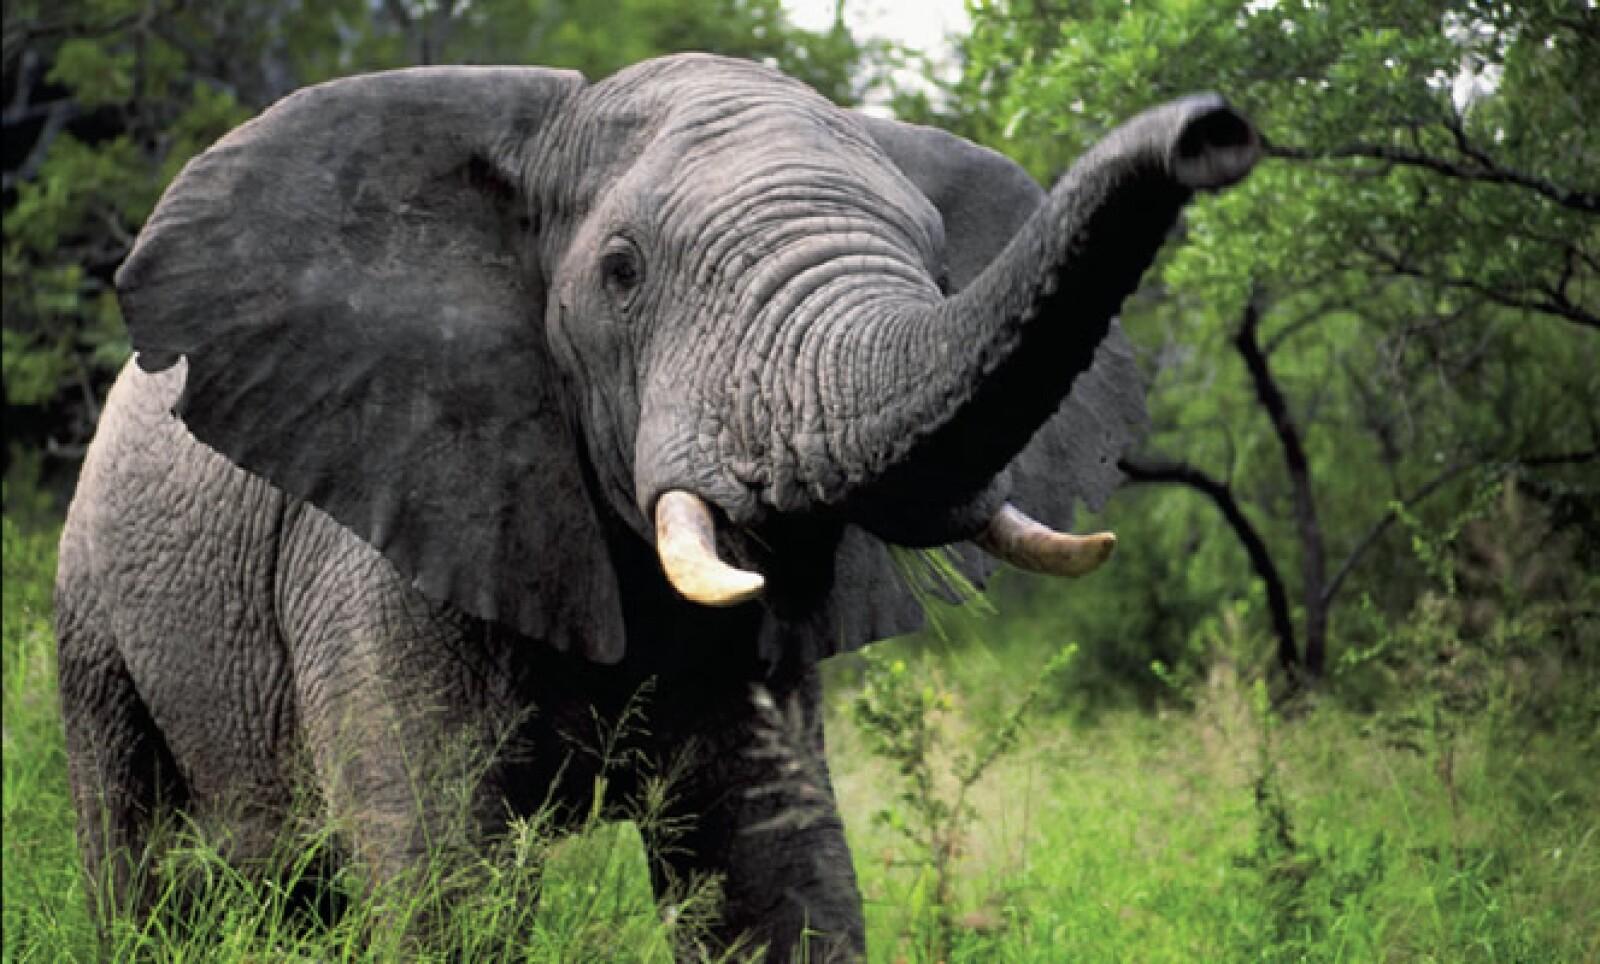 La Reserva Nacional del Kruger alberga más de 500 especies de aves y de 147 especies de mamíferos y es la reserva natural más grande de Sudáfrica.